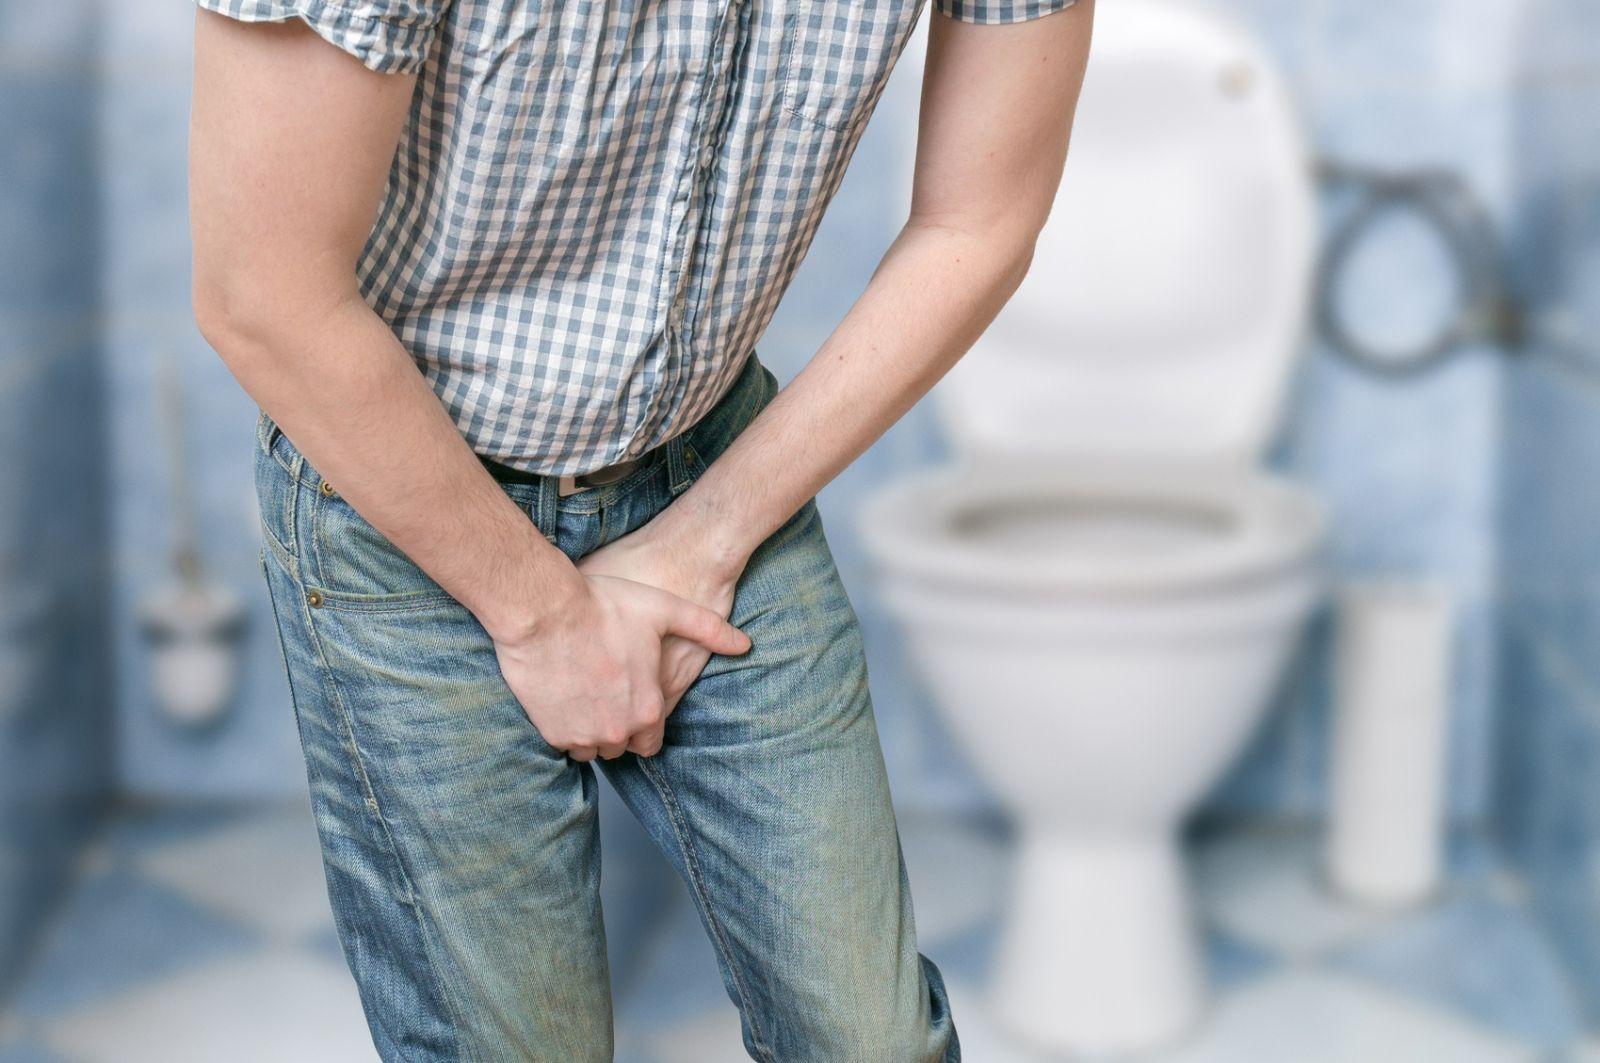 Боль при мочеиспускании у мужчин: причины и лечение